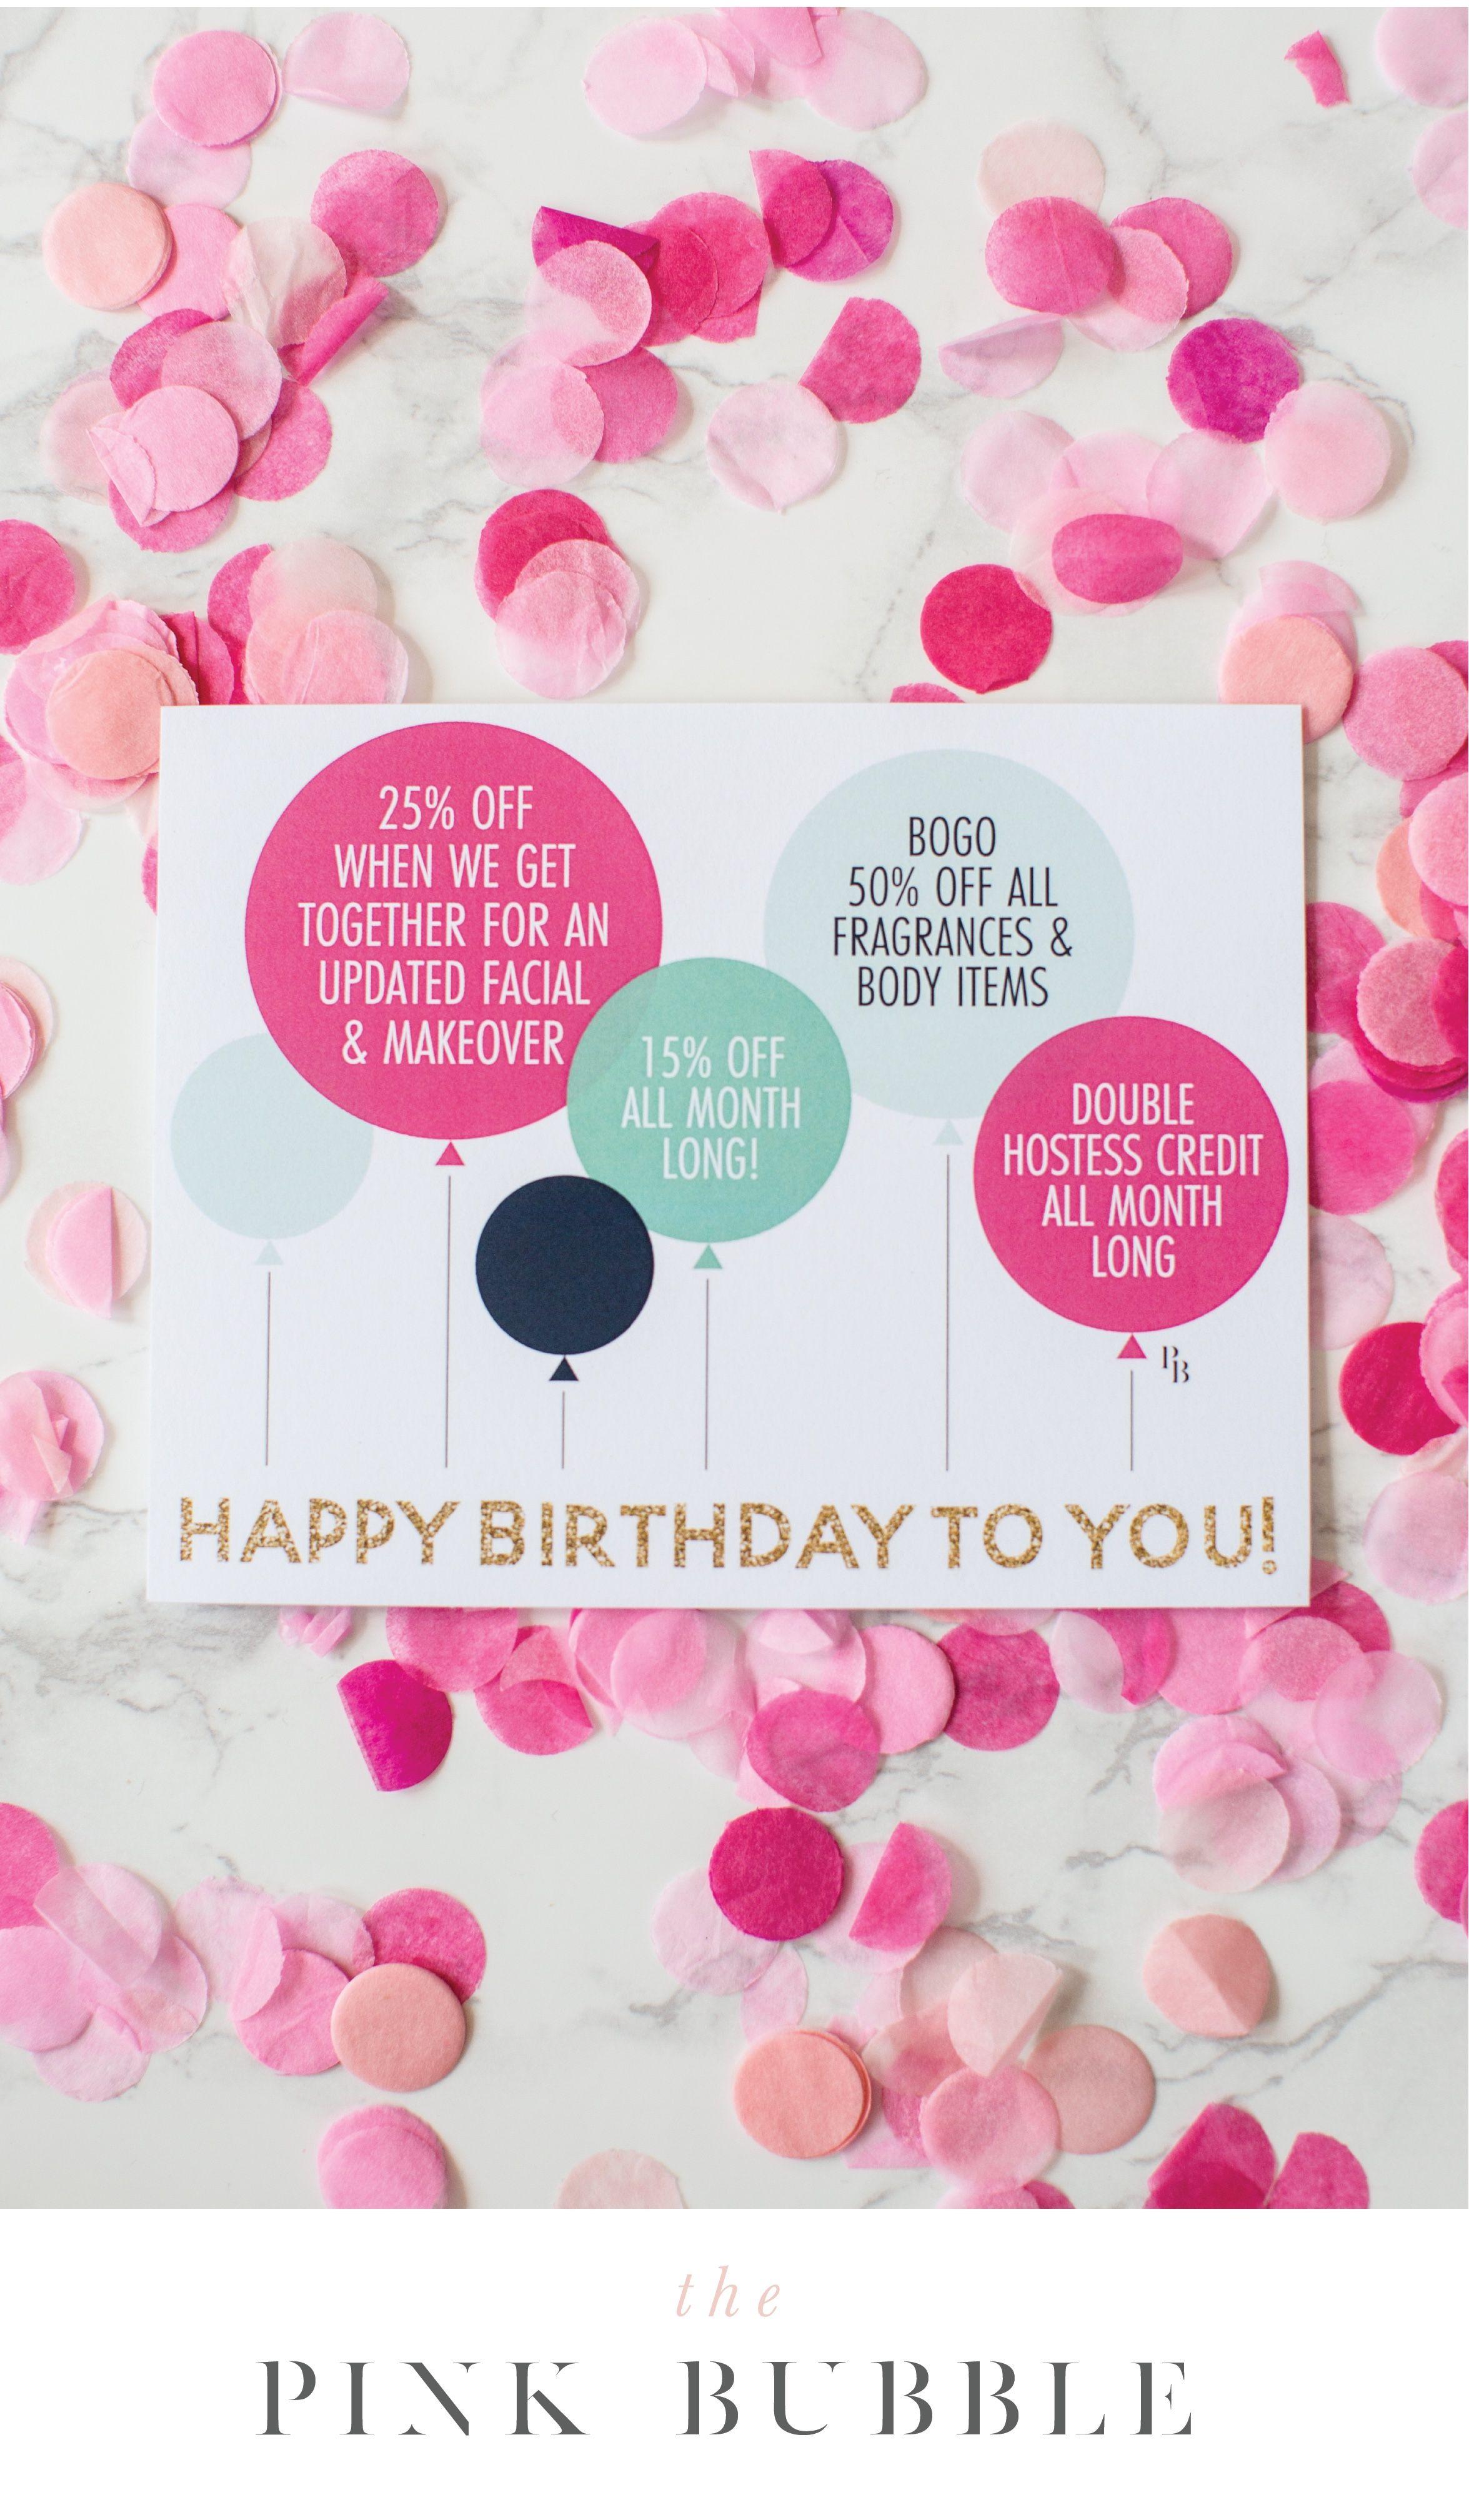 Customizable Mary Kay Printable Birthday Postcard Thepinkbubble Co Mary Kay Invitations Templates Mary Kay Postcards Mary Kay Party Invitations